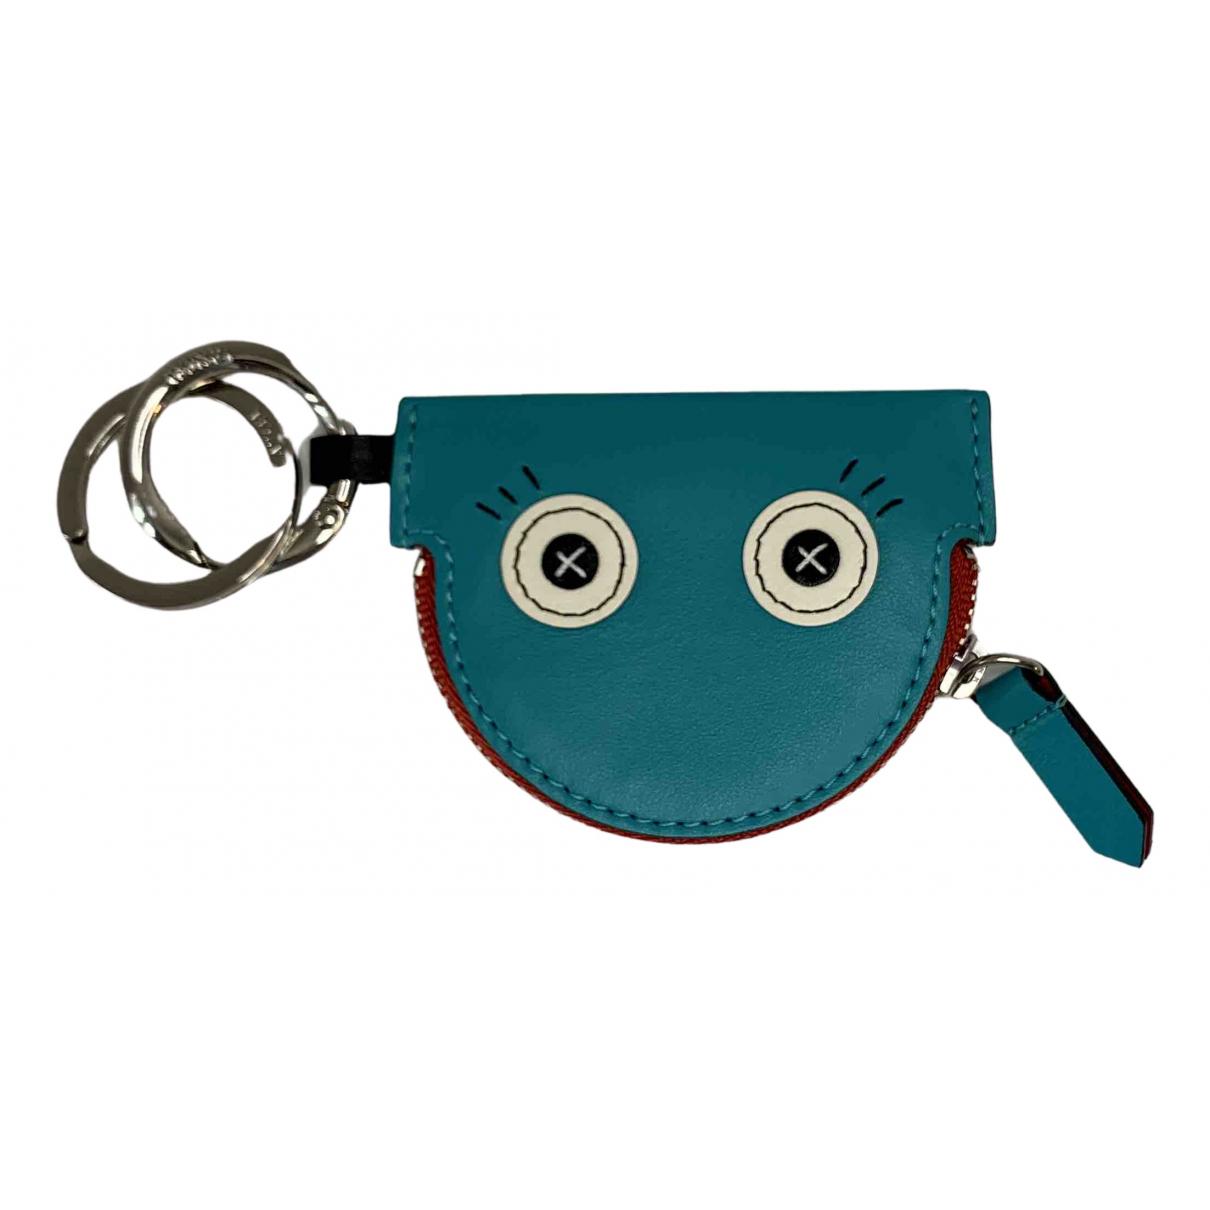 Lancel - Bijoux de sac   pour femme en cuir - bleu